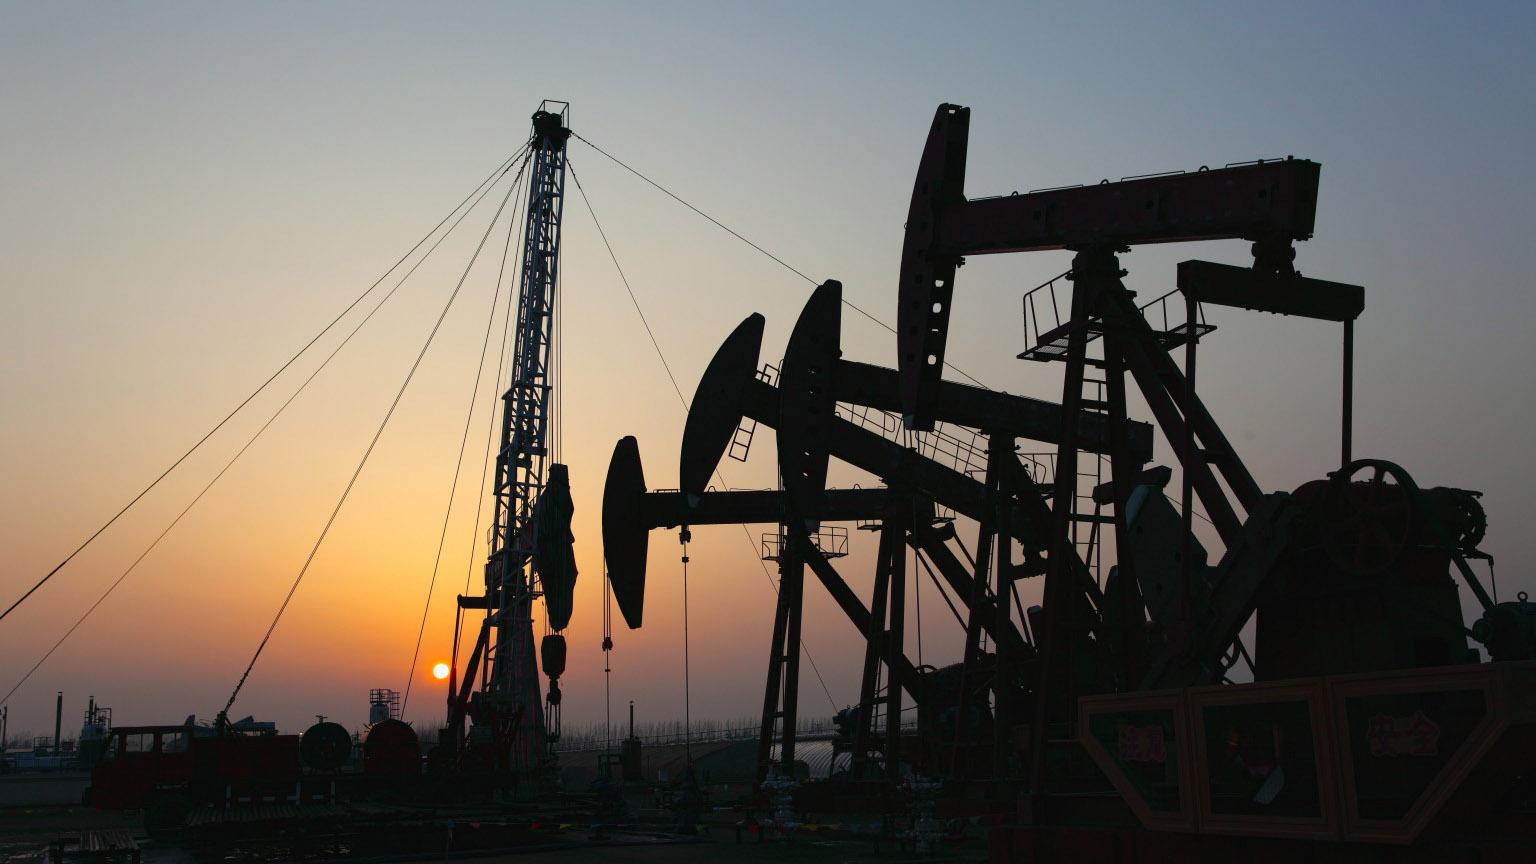 Cálculos arrojan que elpaís cayó en 47.000 barriles diarios, la mayor bajada en todos los 14 socios de la OPEP